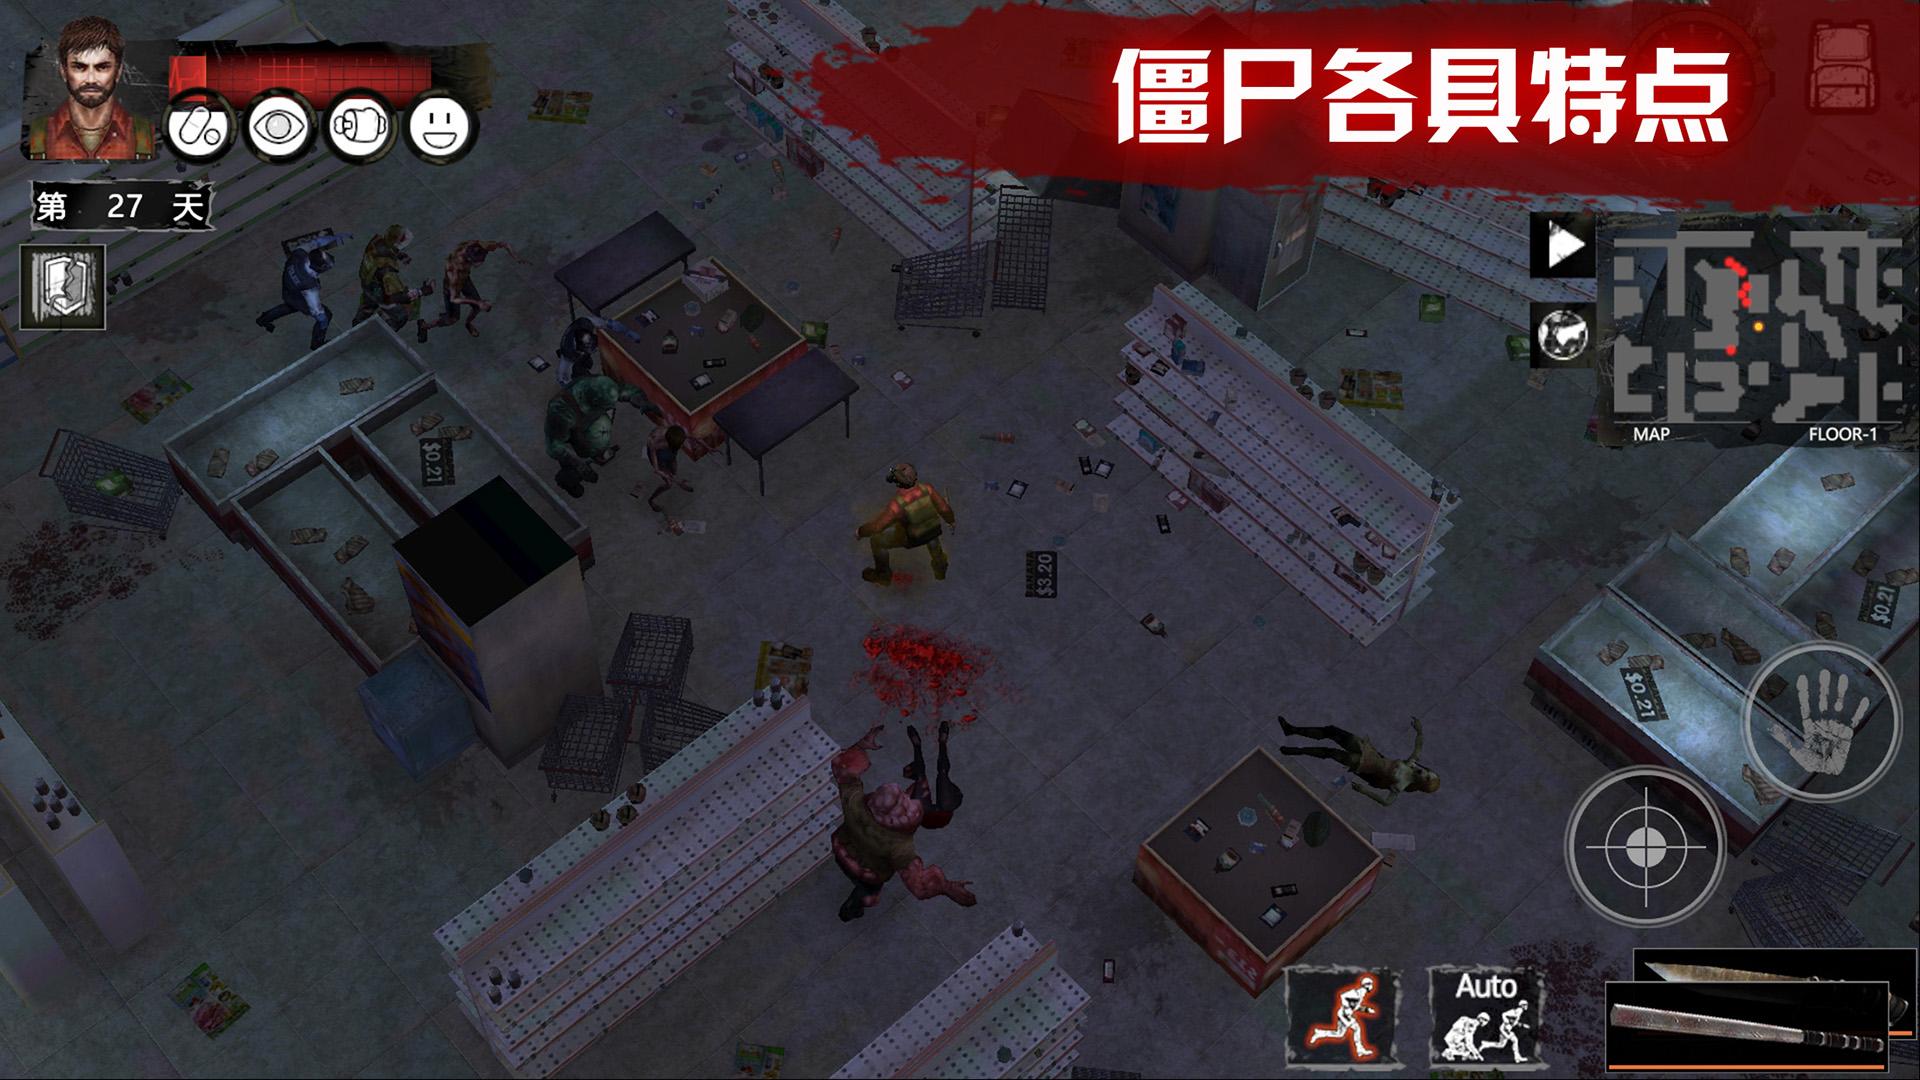 末日方舟中文内购破解版